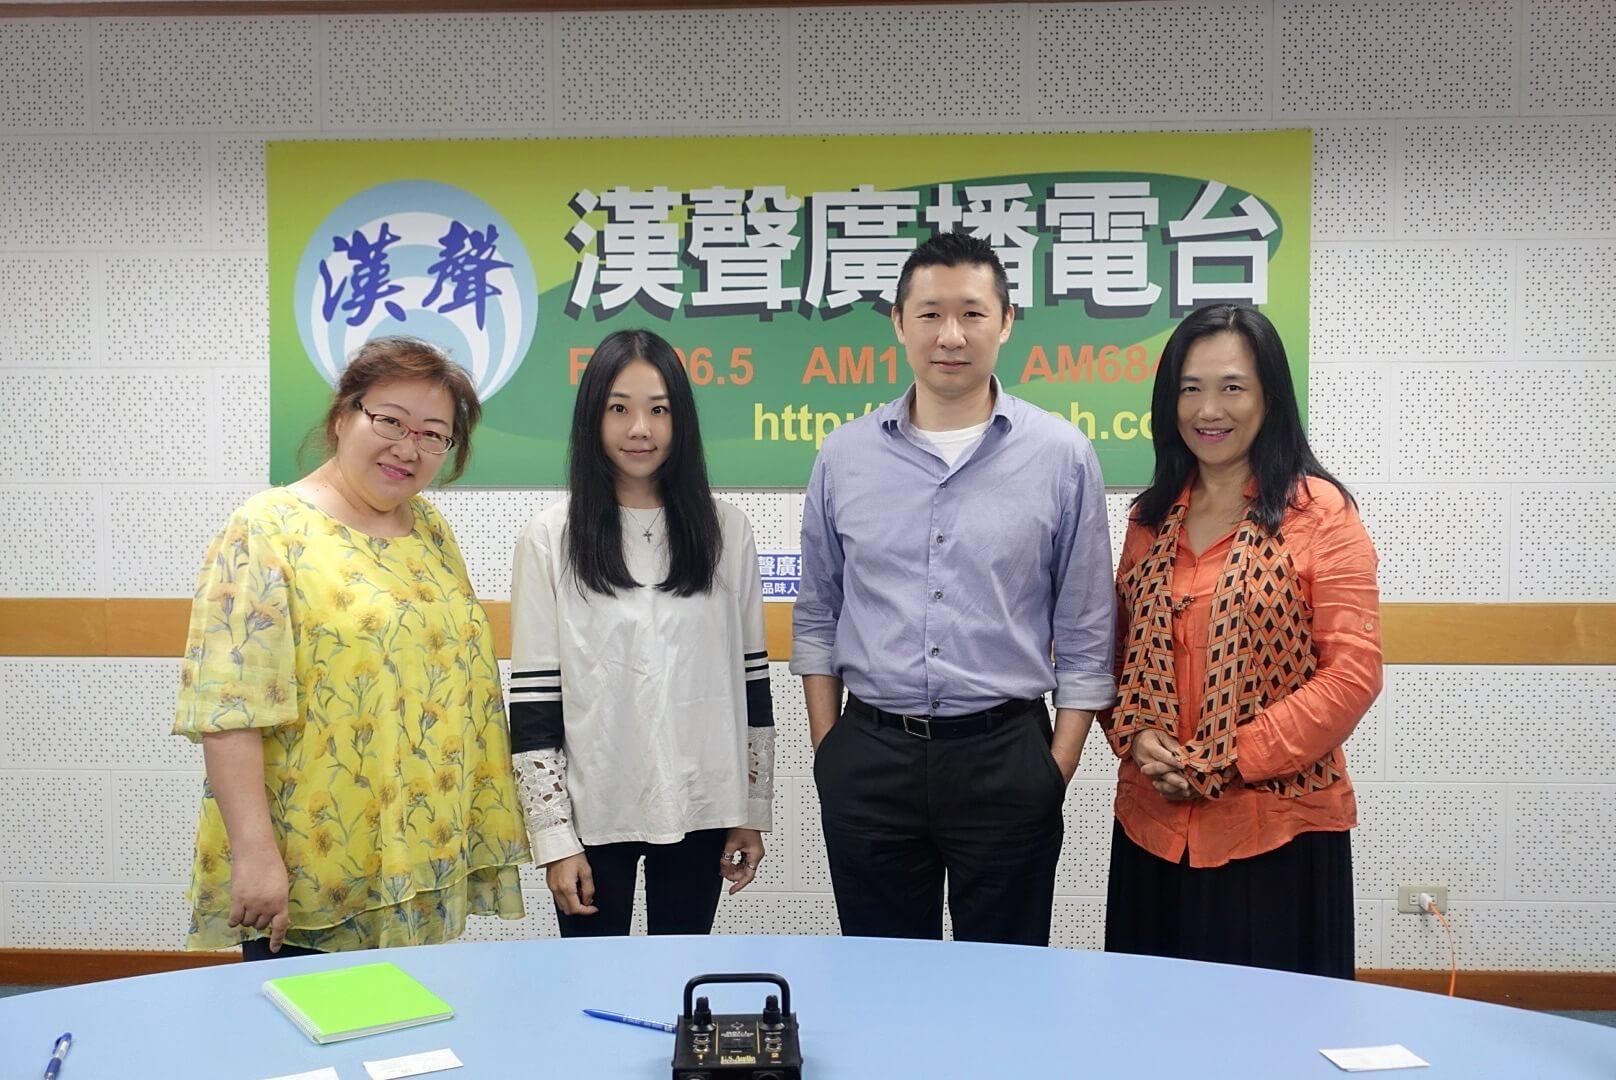 台灣優質新創企業 打造便利生活的服務平台